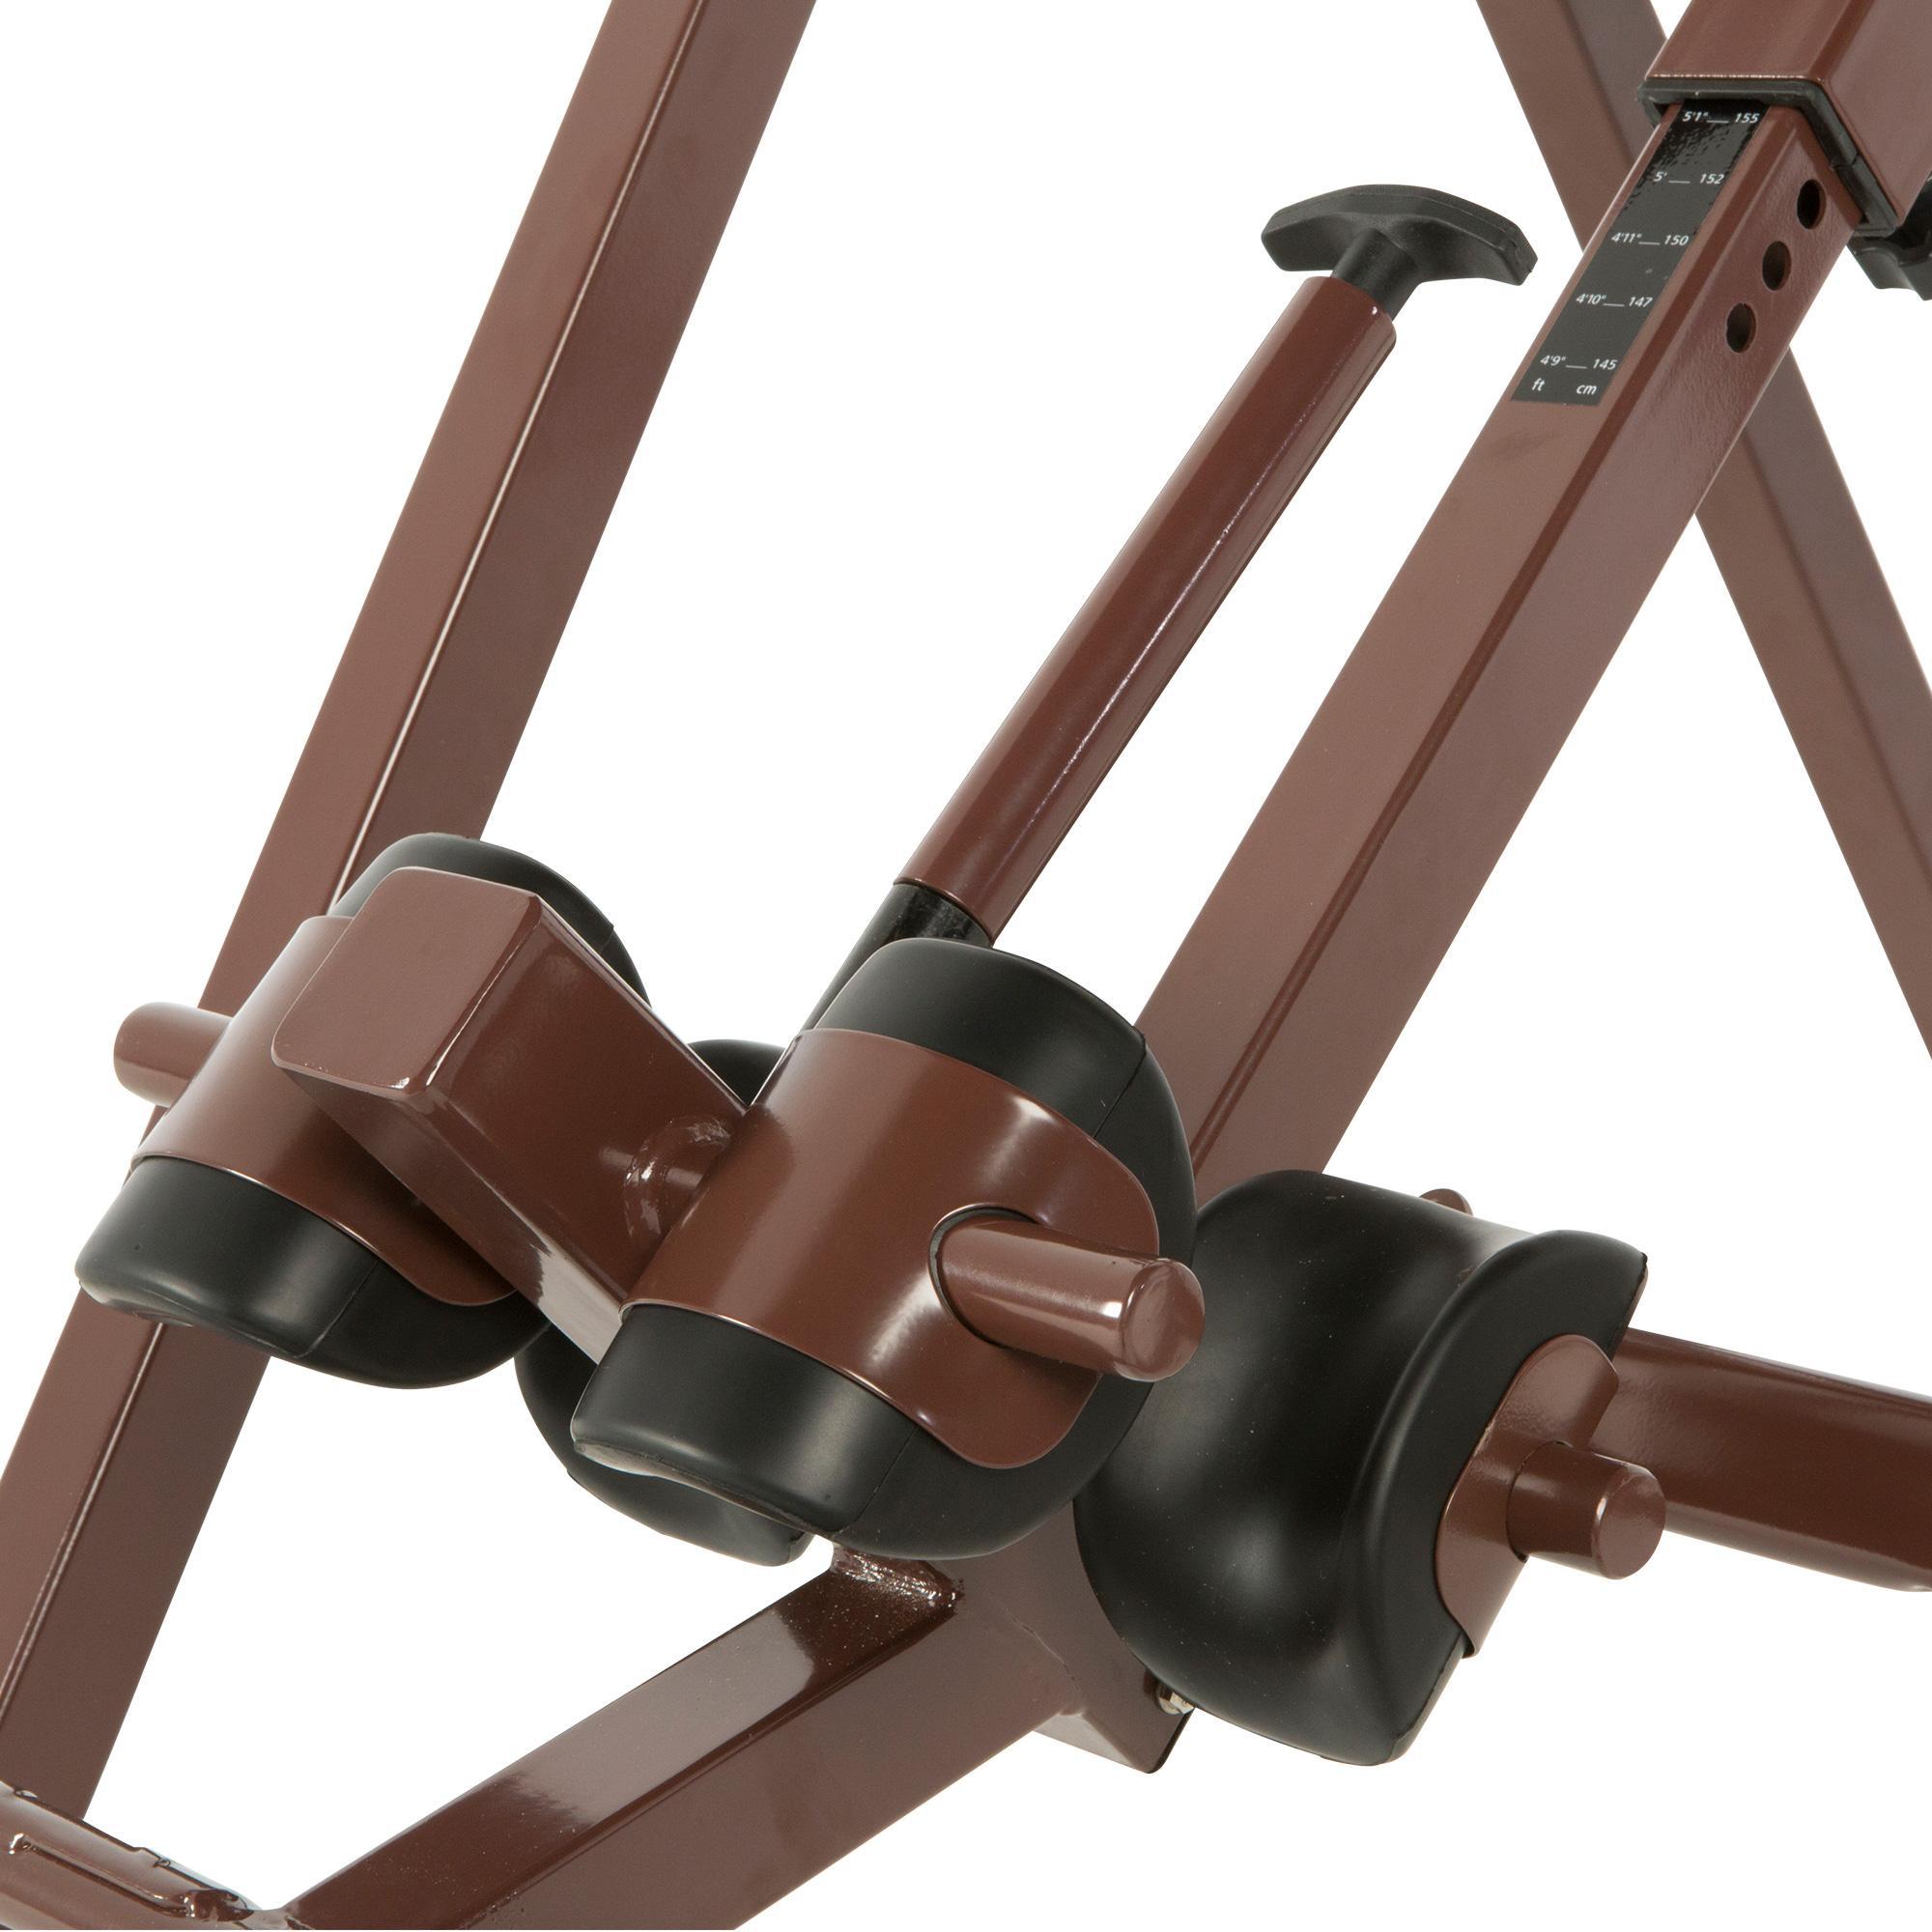 Amazon.com : IRONMAN Gravity 5000 Outdoor/Indoor High